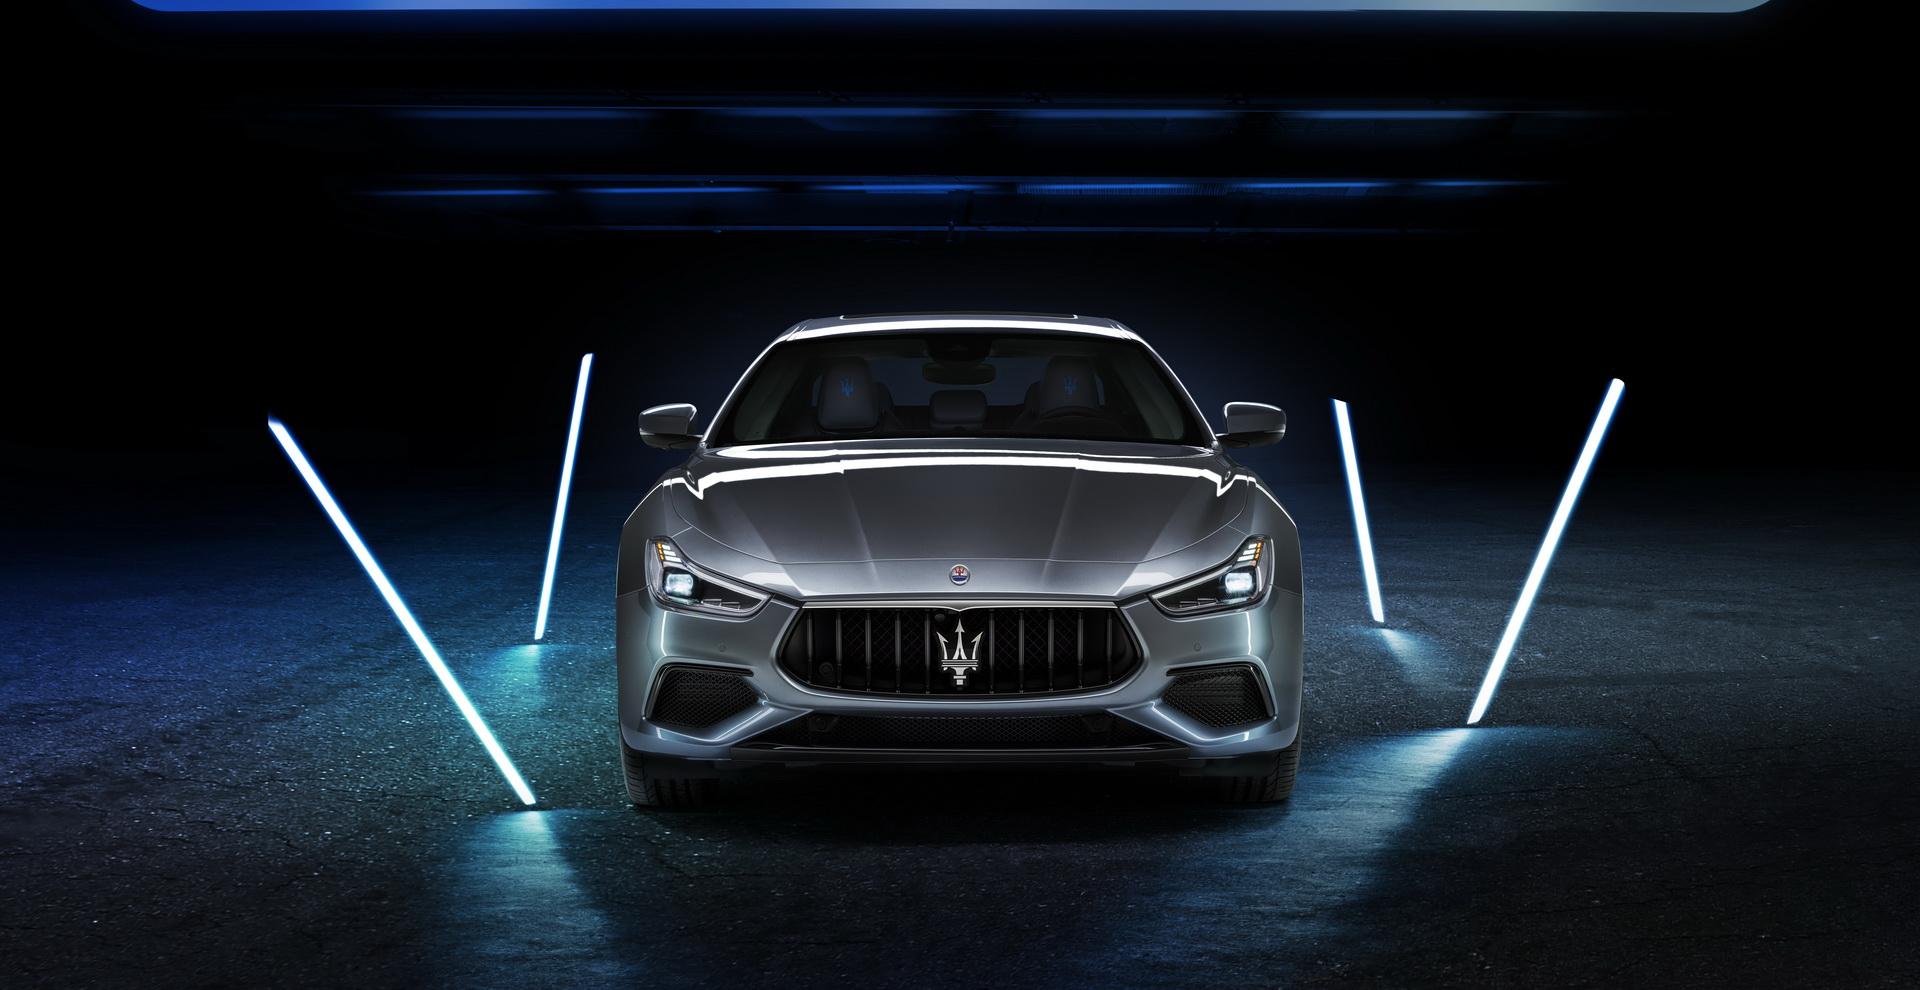 Maserati го претстави својот прв хибриден модел – Ghibli Hybrid / ФОТО+ВИДЕО